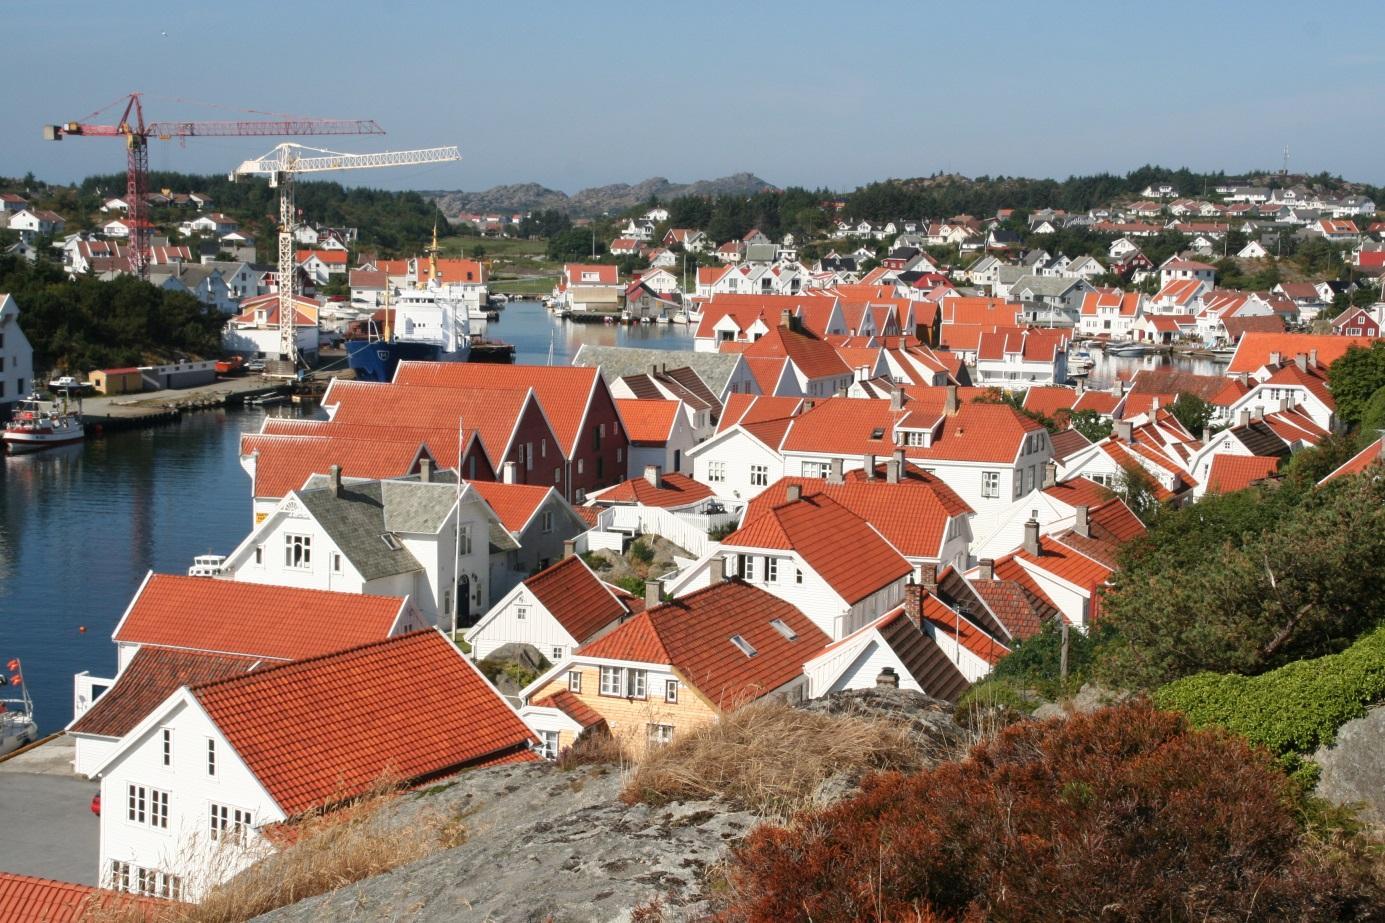 bilde av Skudeneshavn, sett ovenfra. Foto: Karmøy kommune